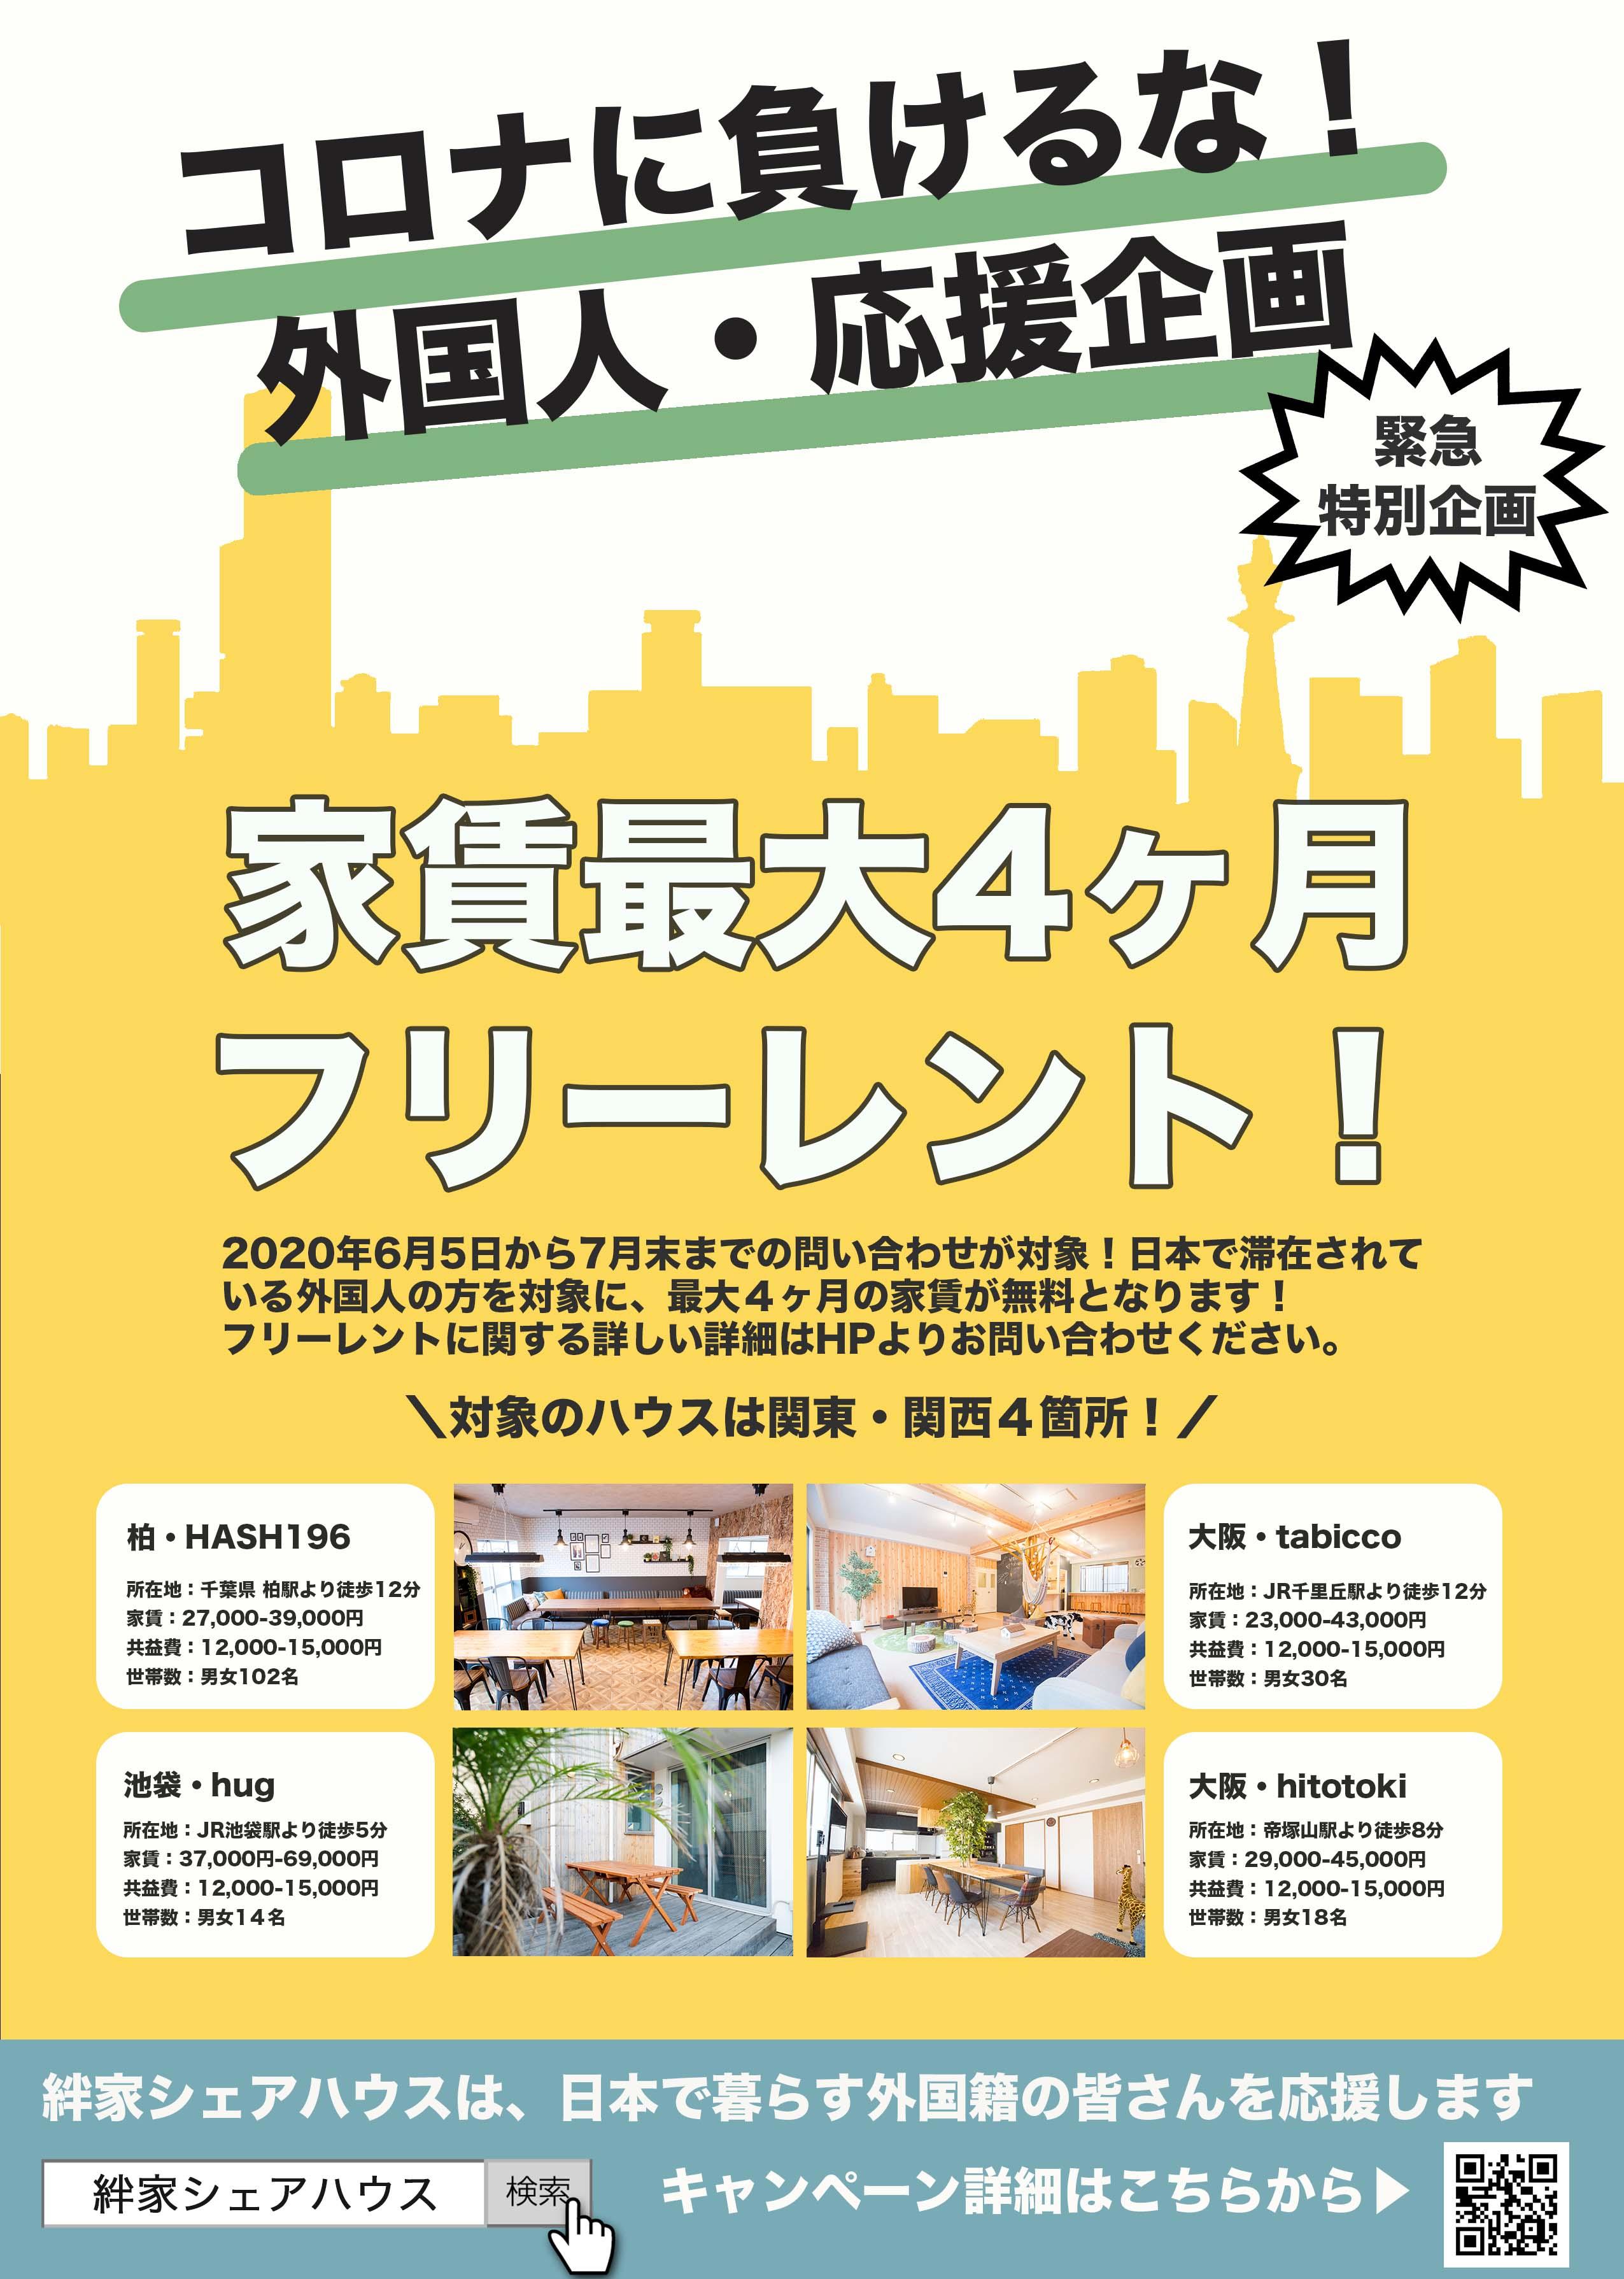 コロナに負けるな!応援企画第二弾!日本で暮らす海外の皆さんを応援します